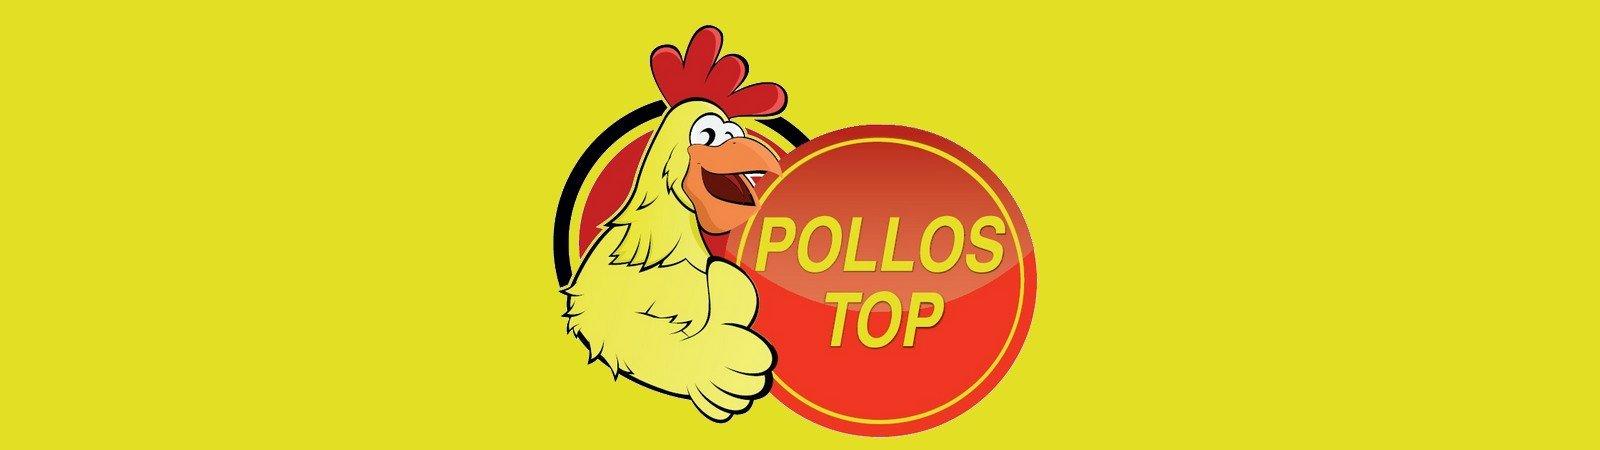 pollos asados en palma de mallorca, pollos al ast